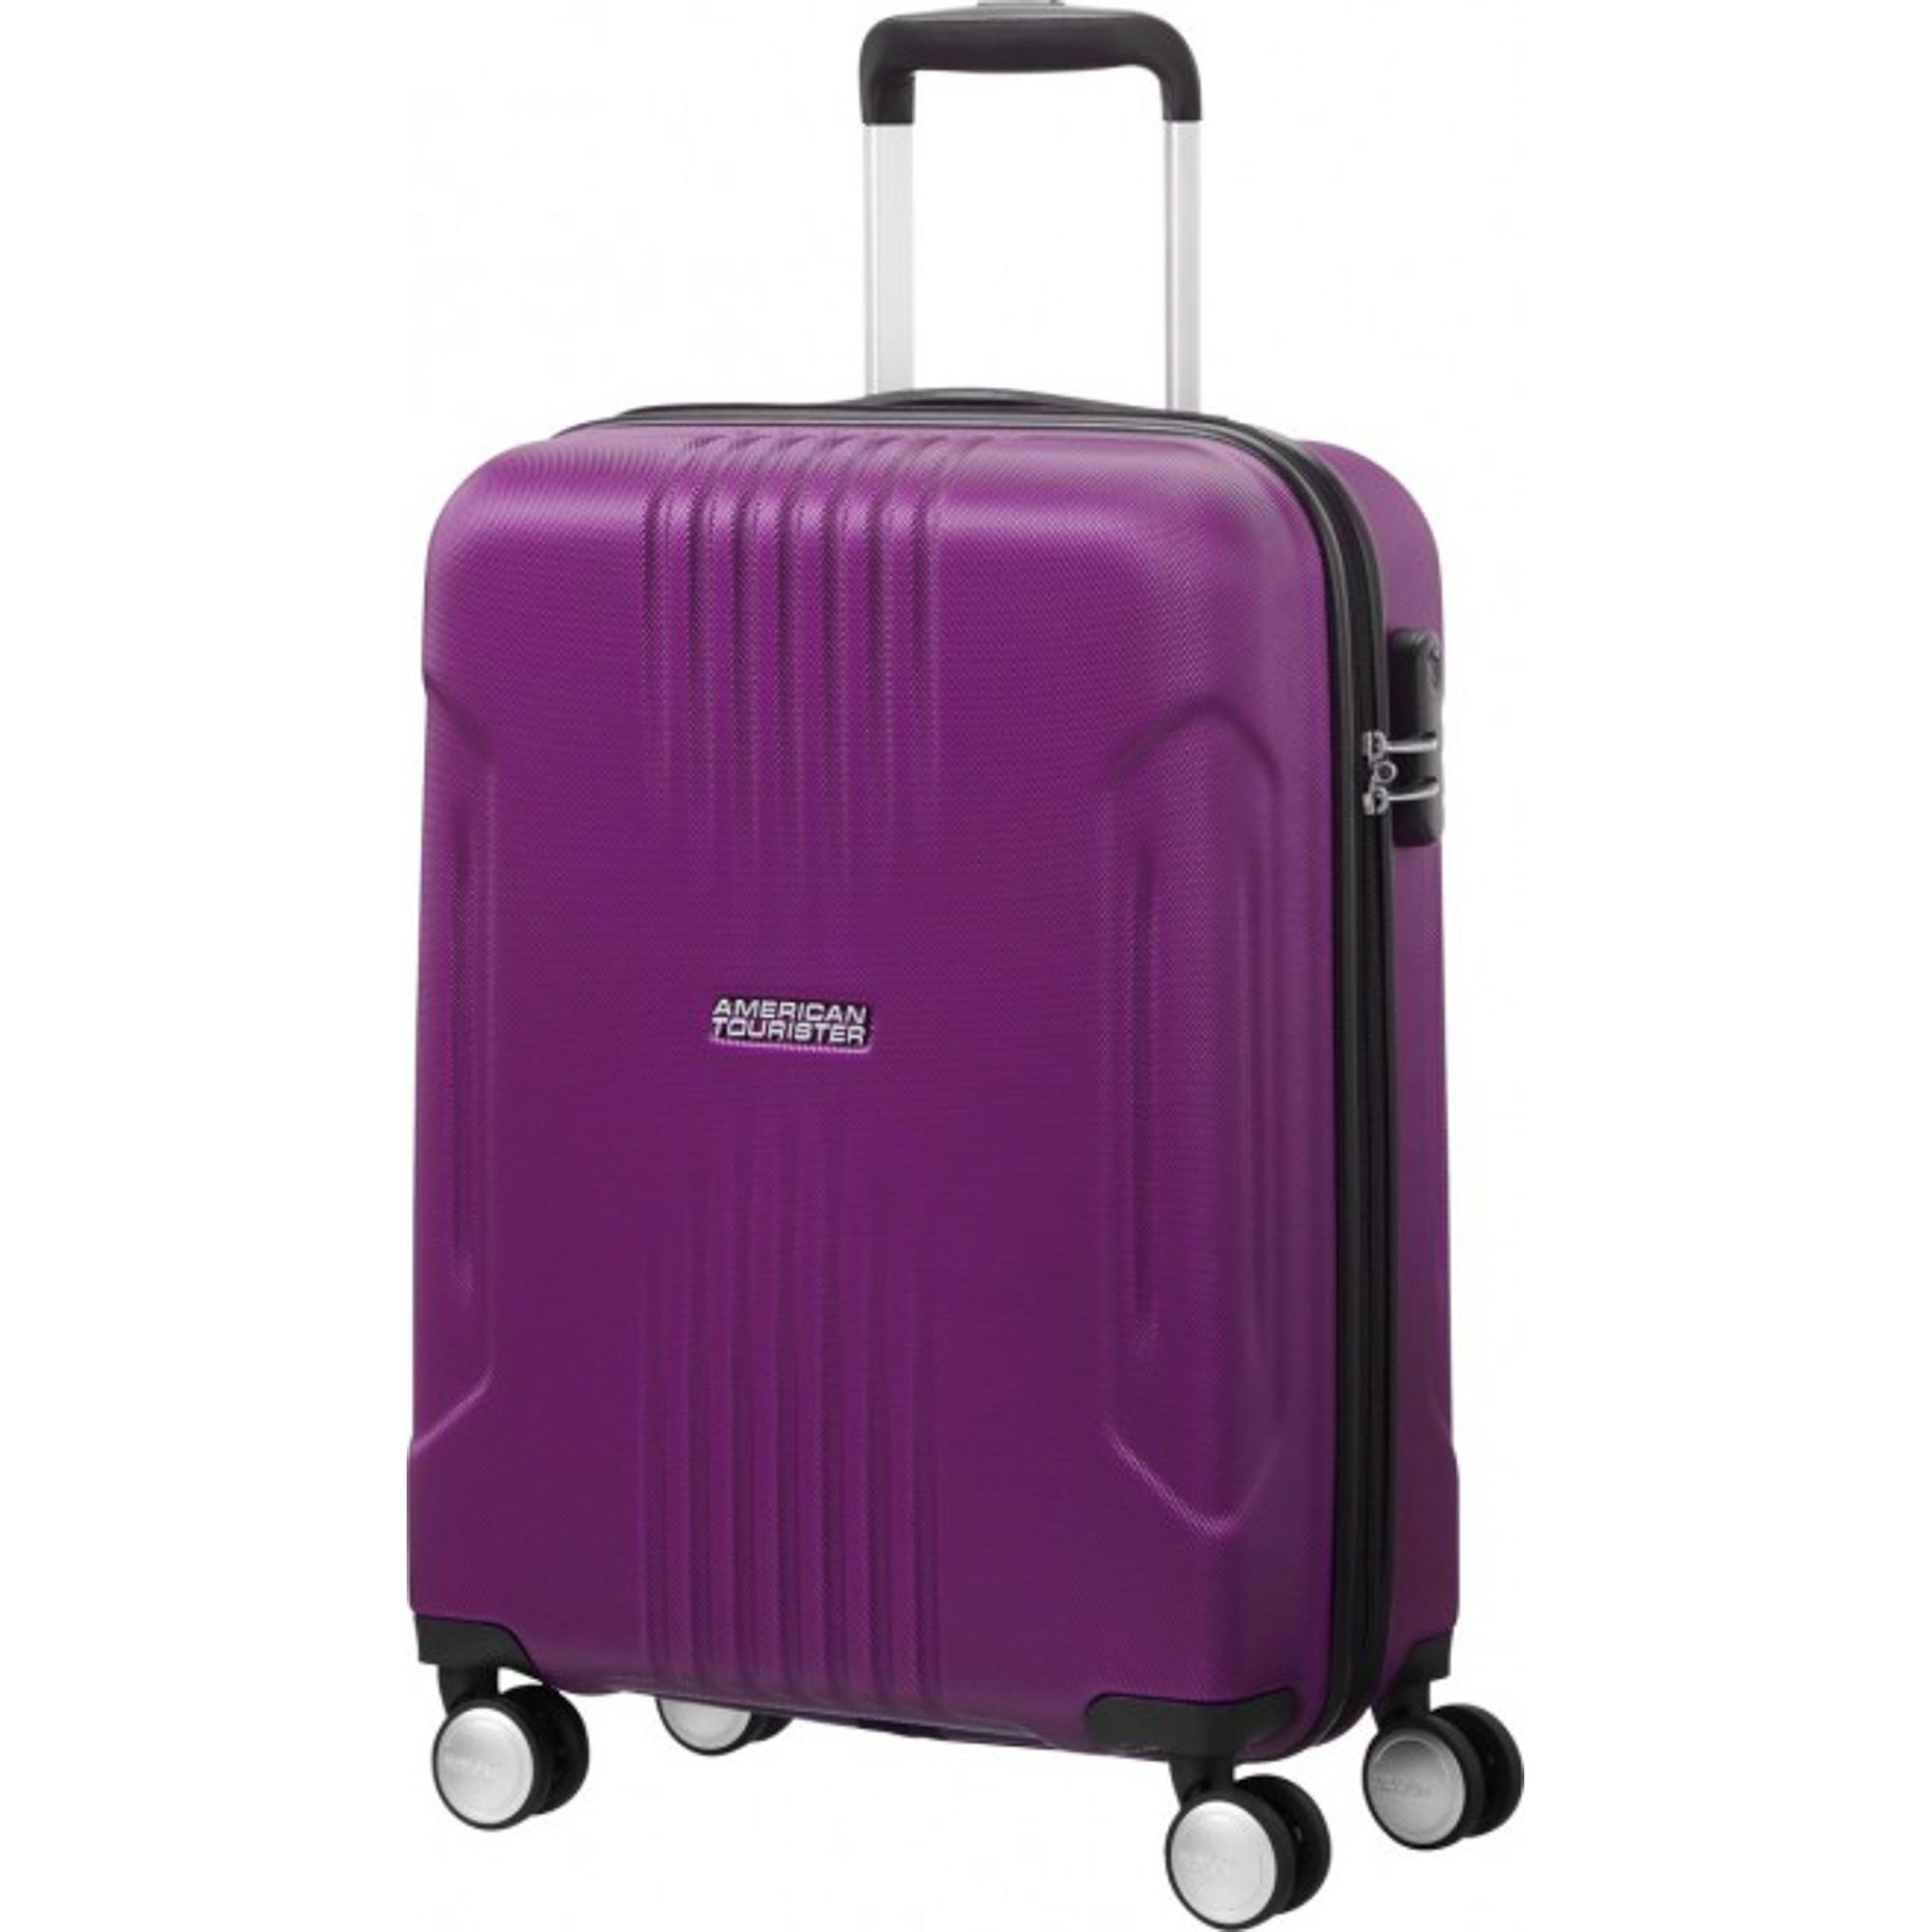 Чемодан American Tourister Spinner пурпурный L american tourister american tourister litewing 38g 09003